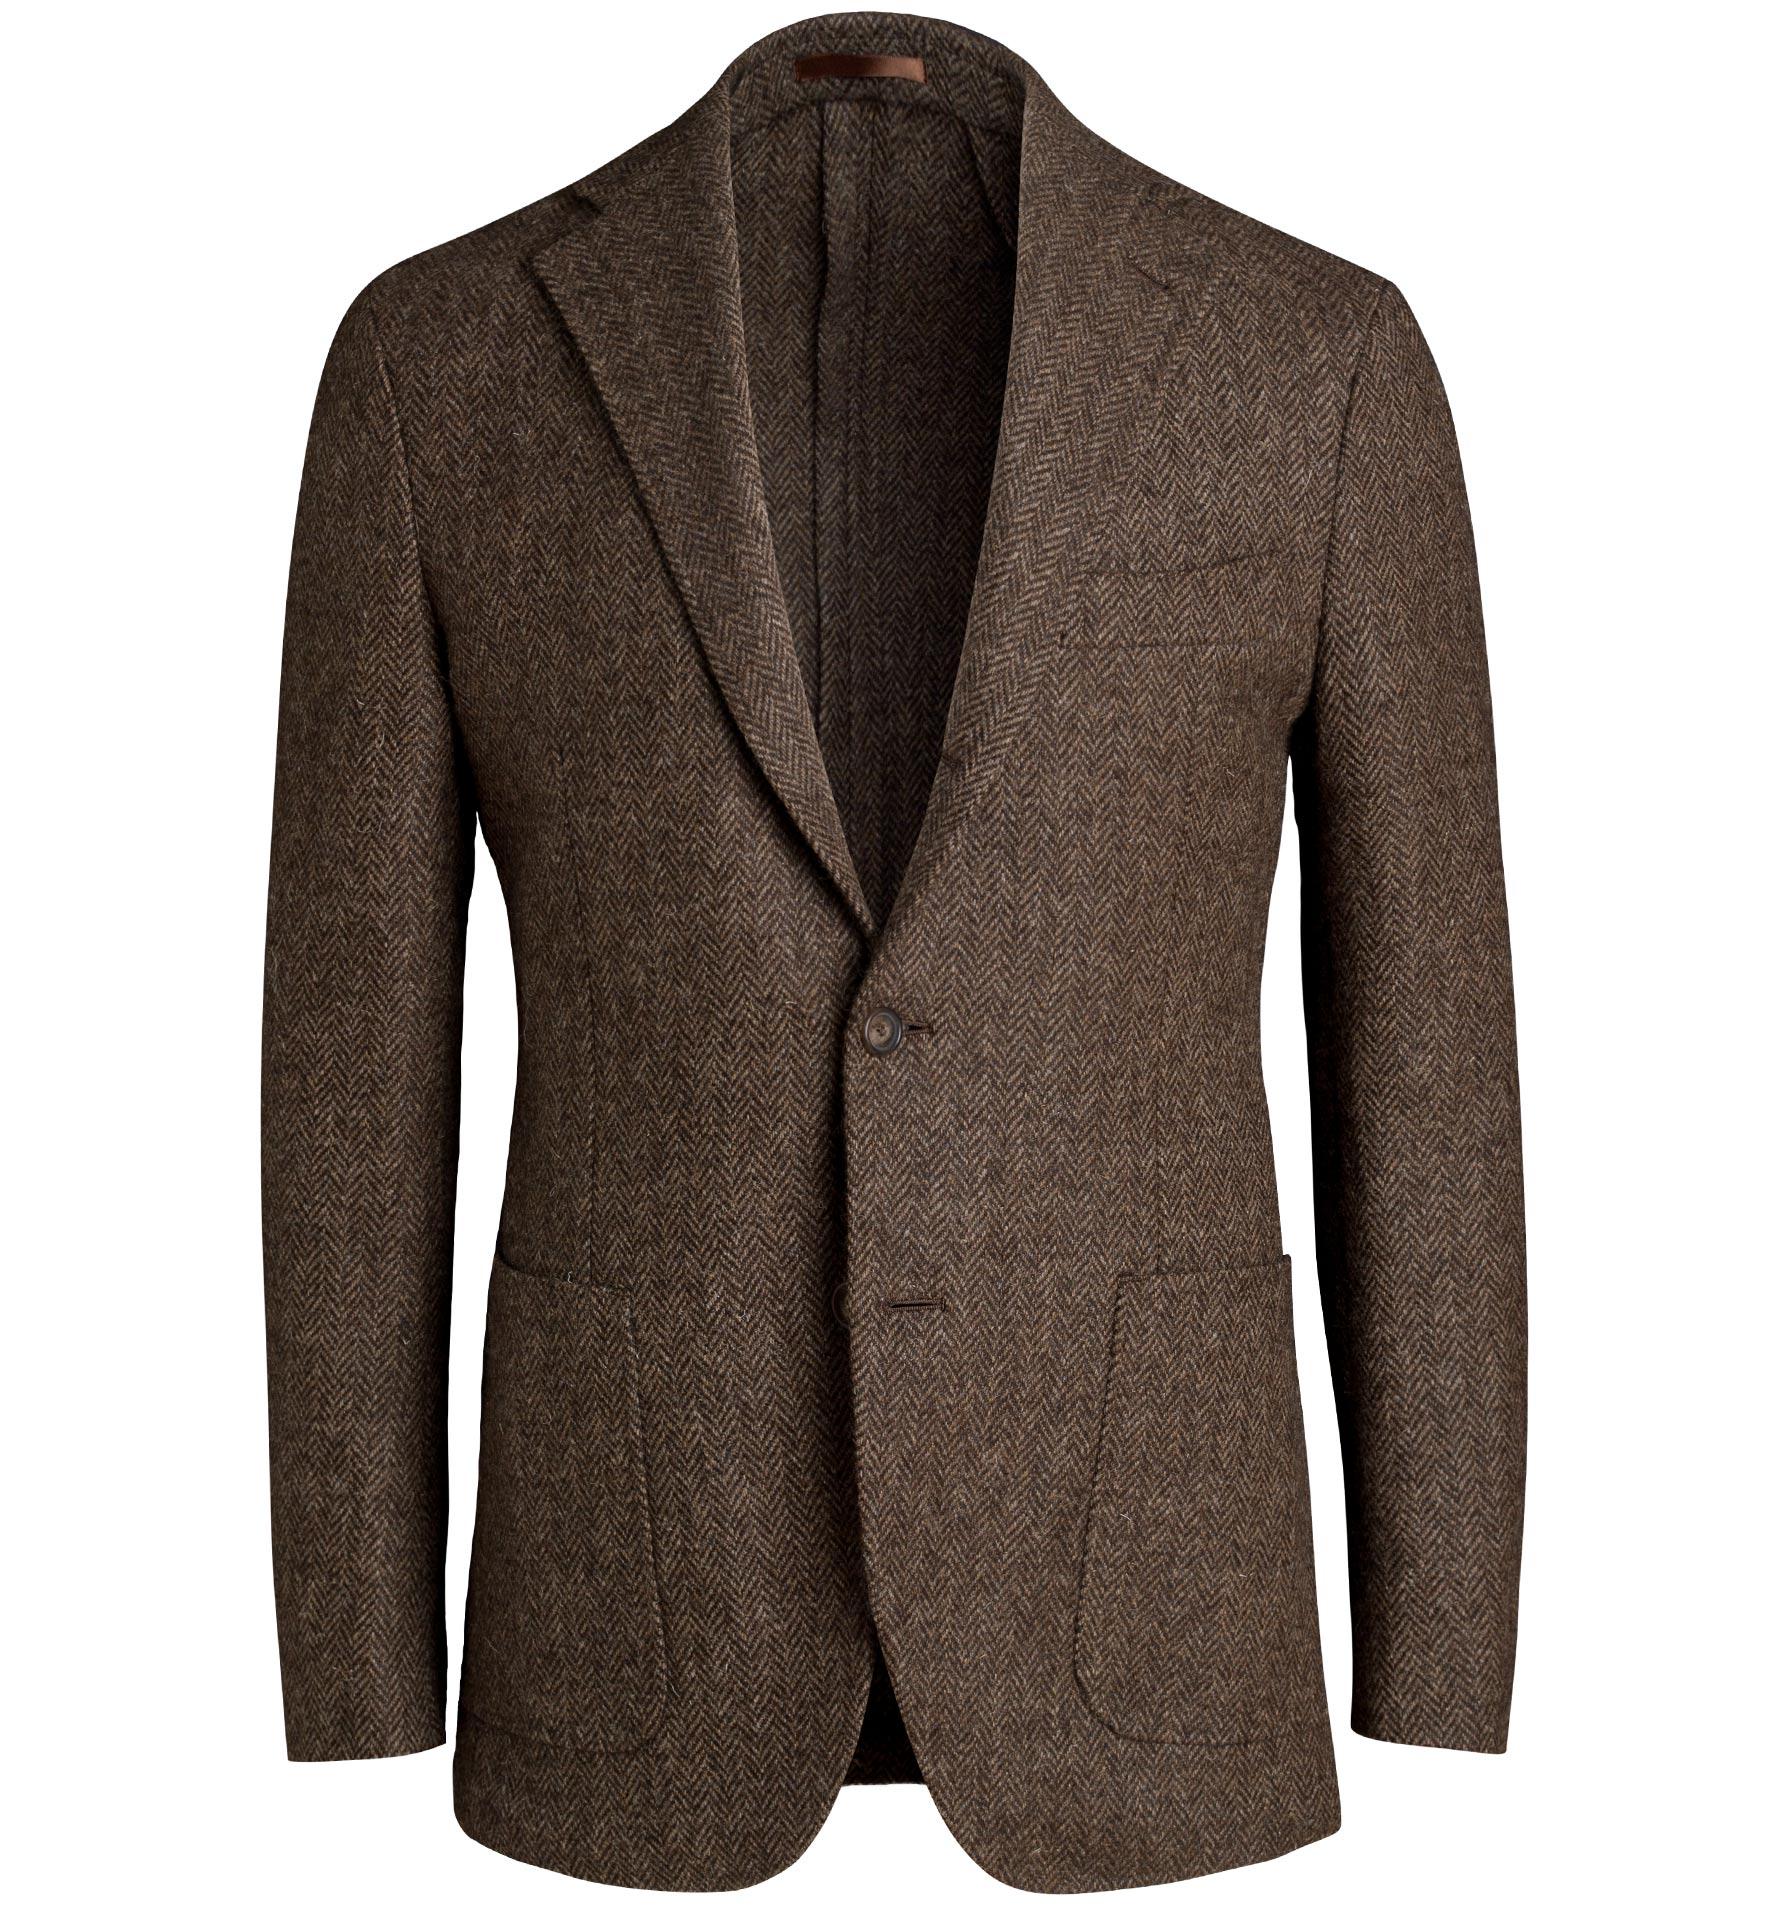 Zoom Image of Waverly Brown Herringbone Tweed Jacket